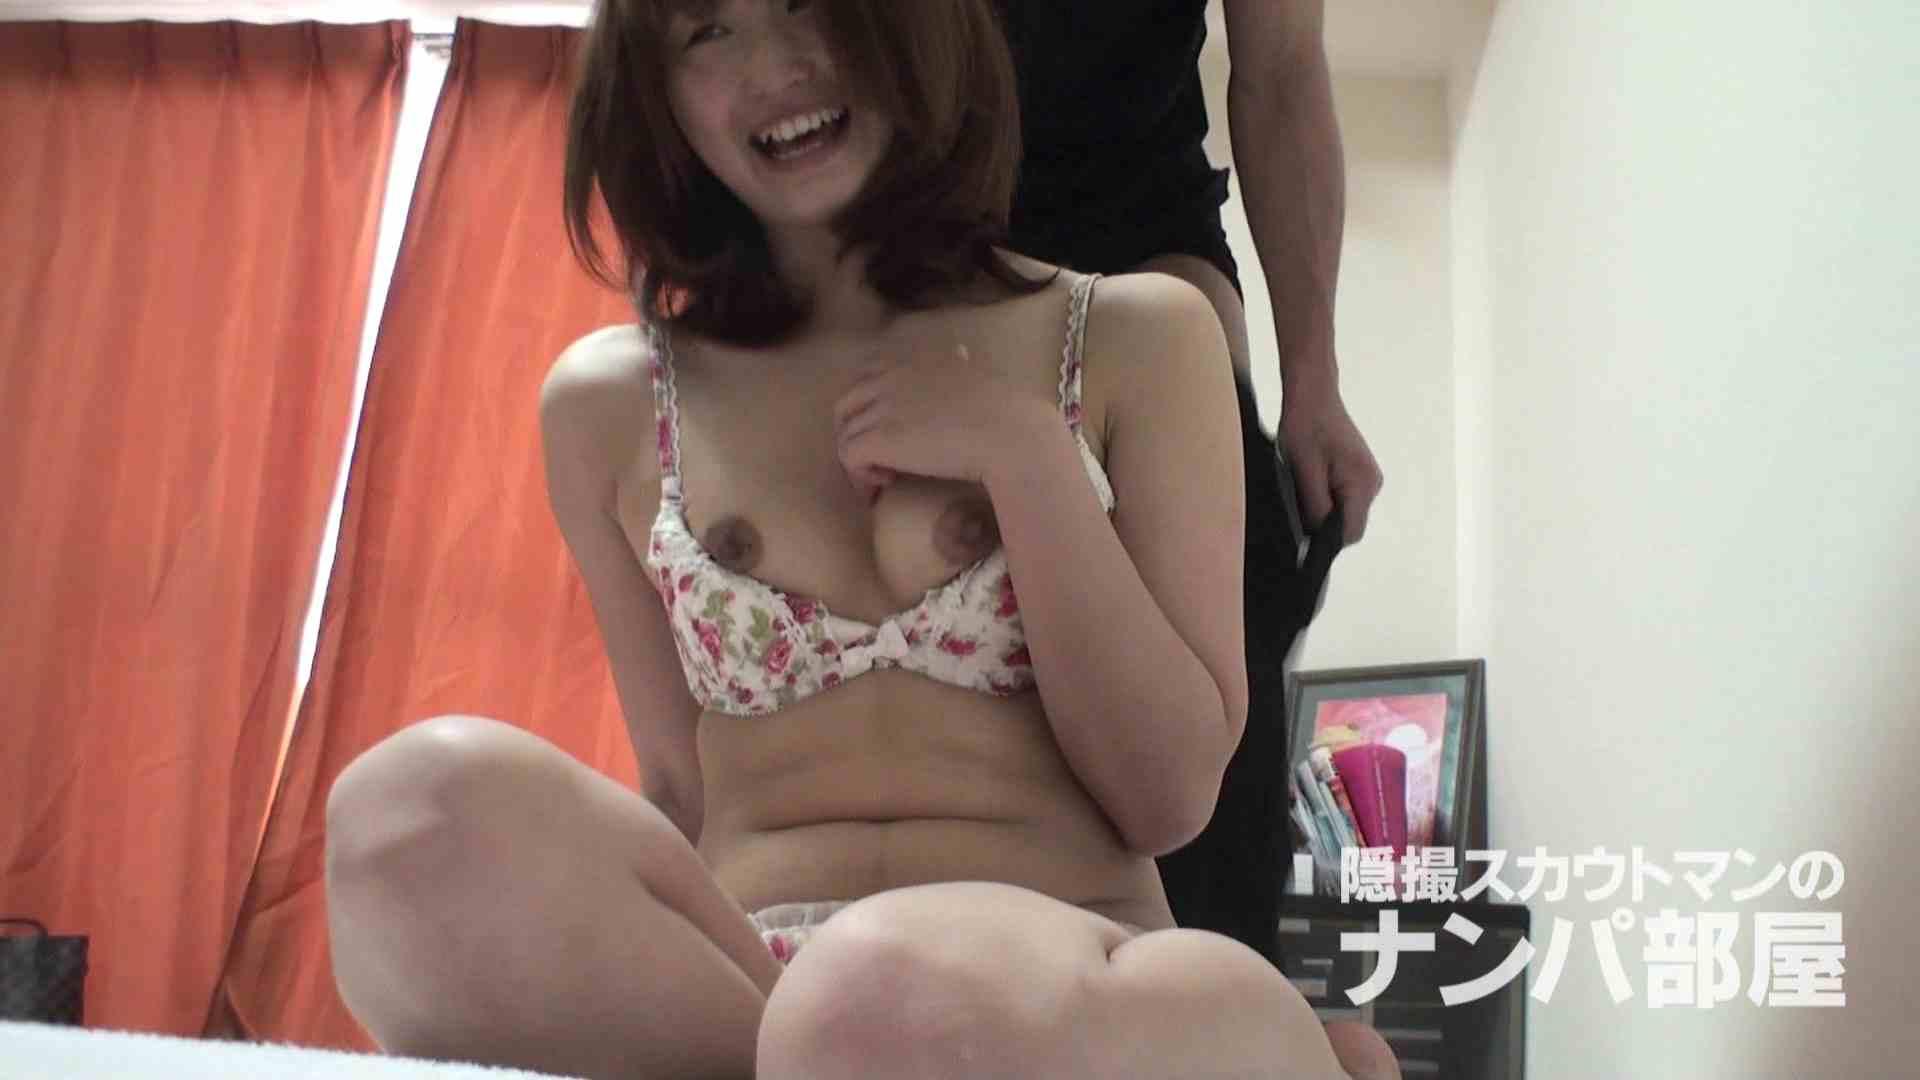 隠撮スカウトマンのナンパ部屋~風俗デビュー前のつまみ食い~ siivol.2 ナンパ AV無料 81PIX 59